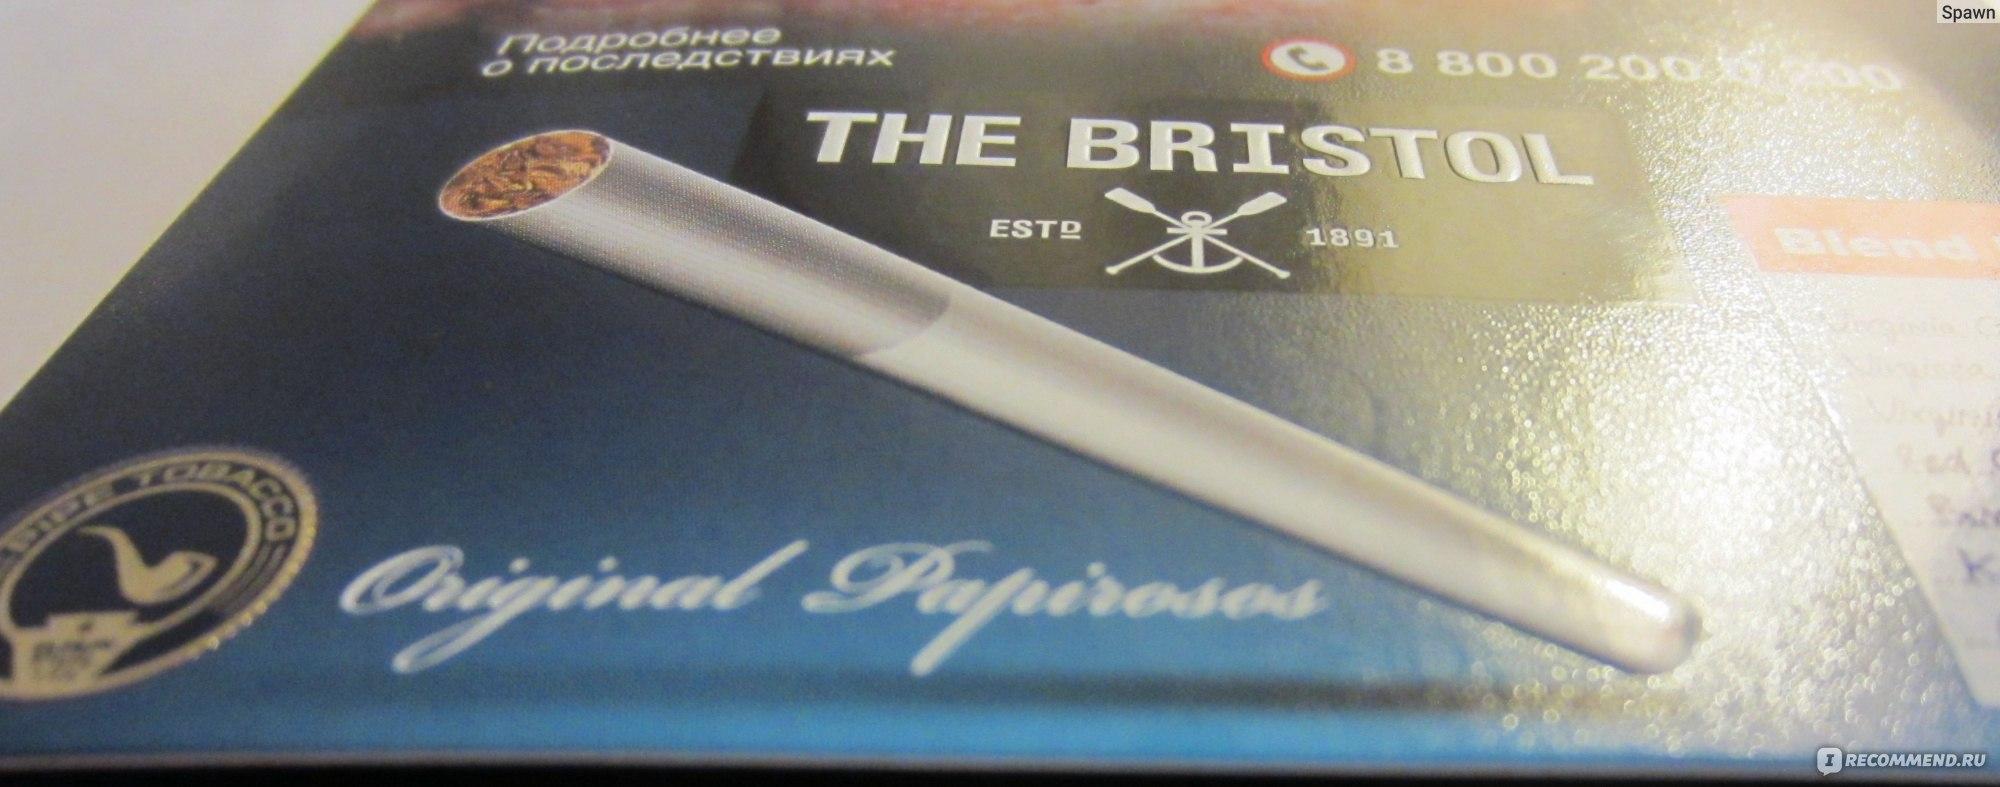 Папиросы изделия табачные где в москве купить сигареты dakota